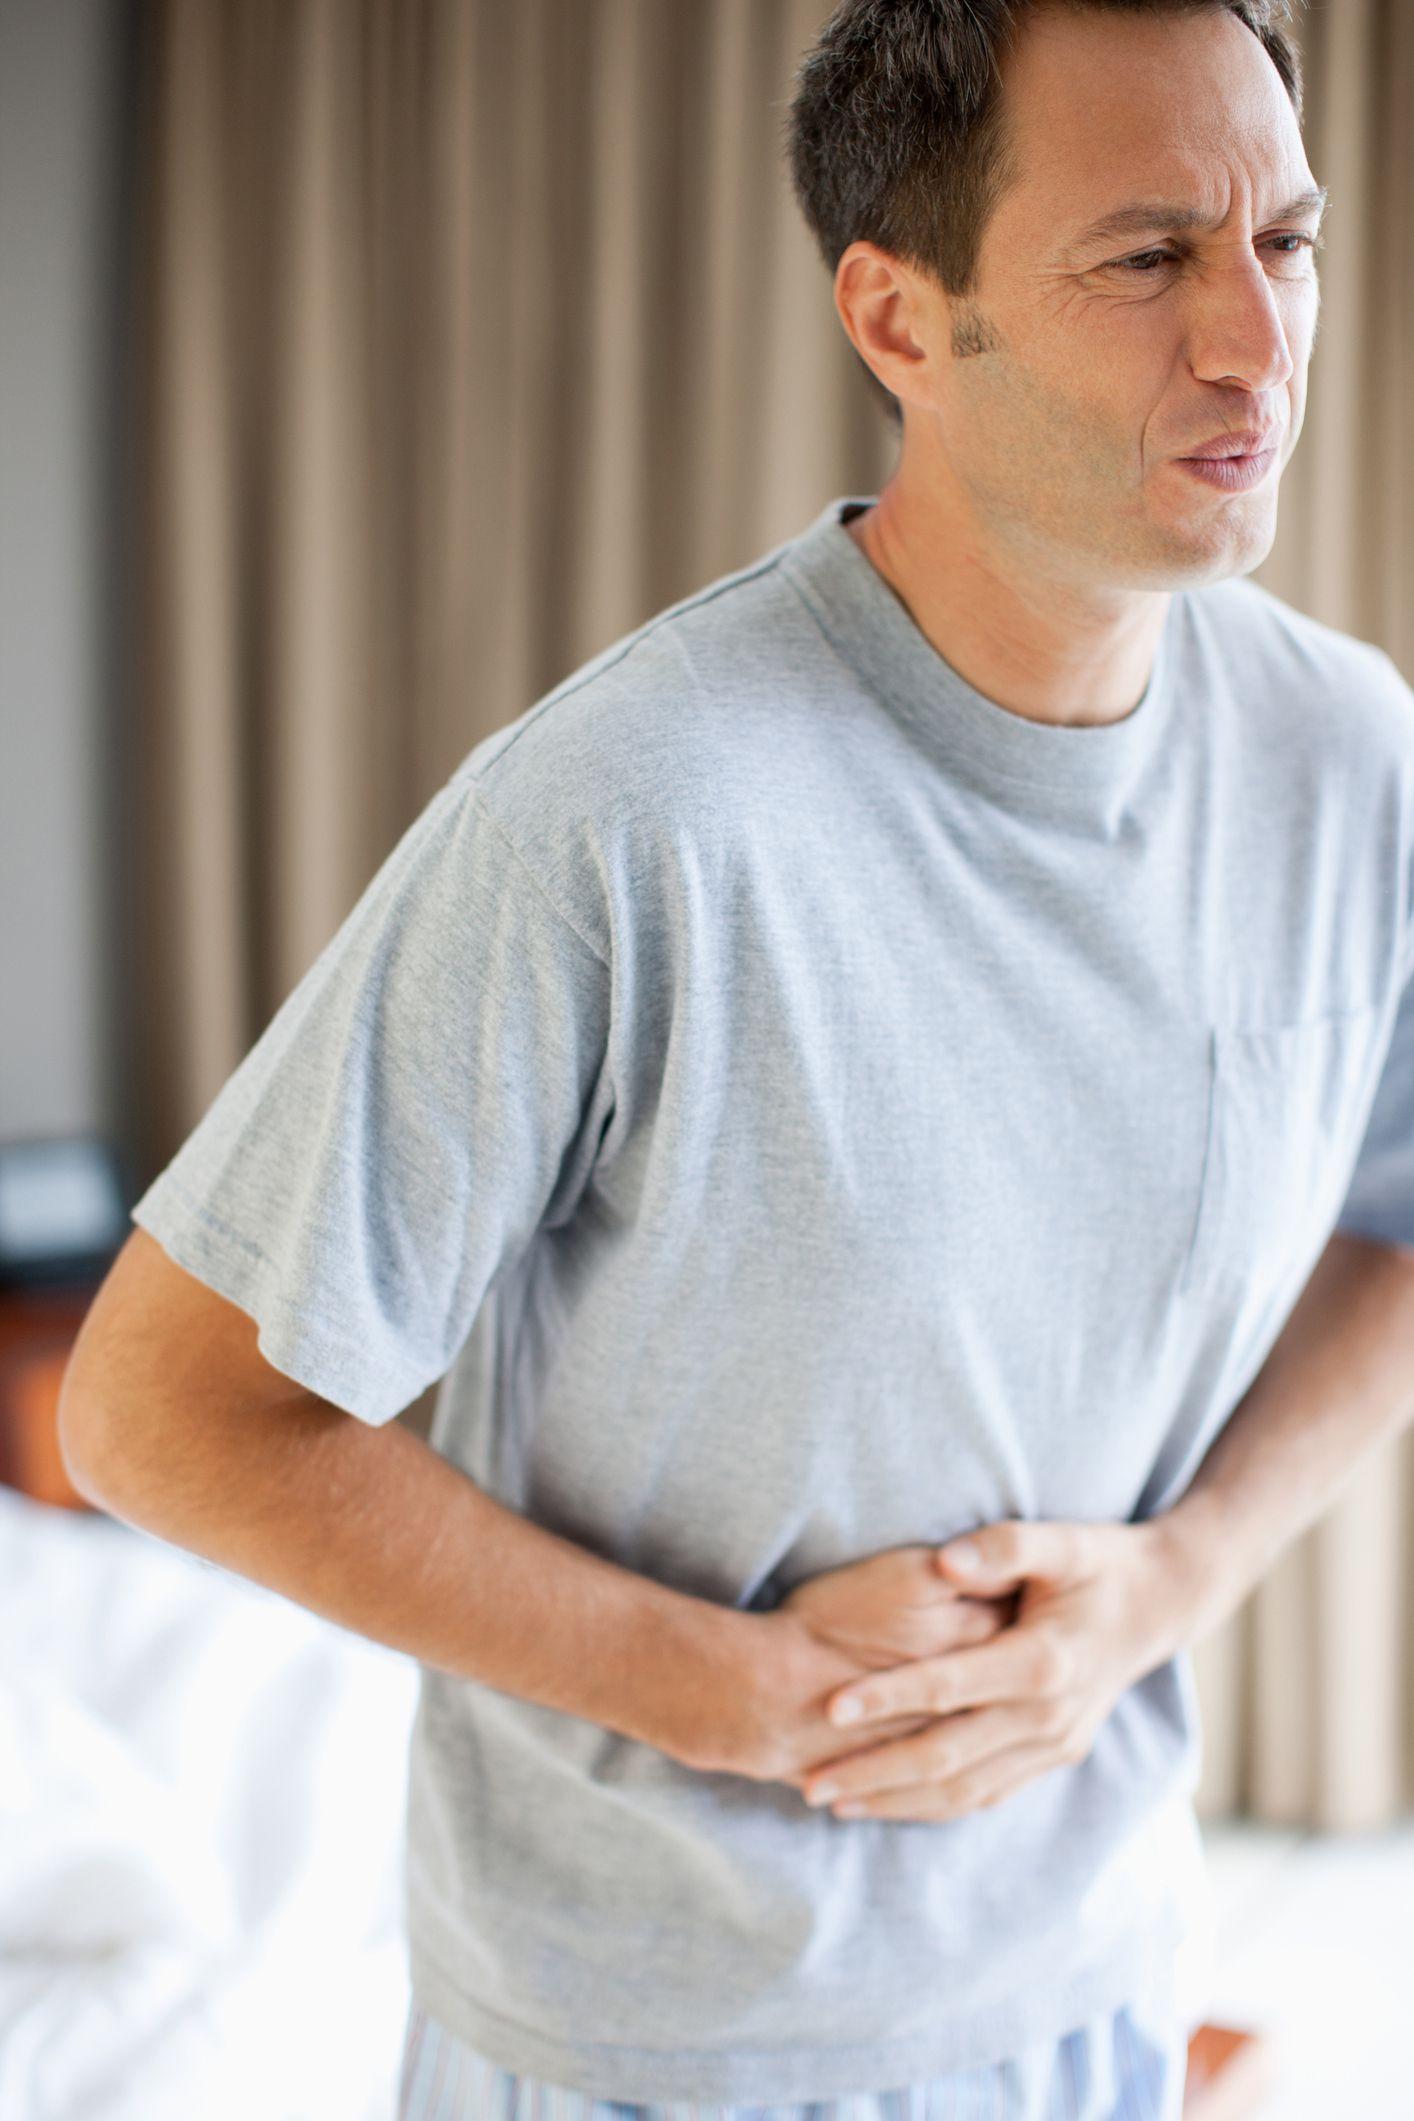 IBS diarrhea treatment: Questran and Colestid